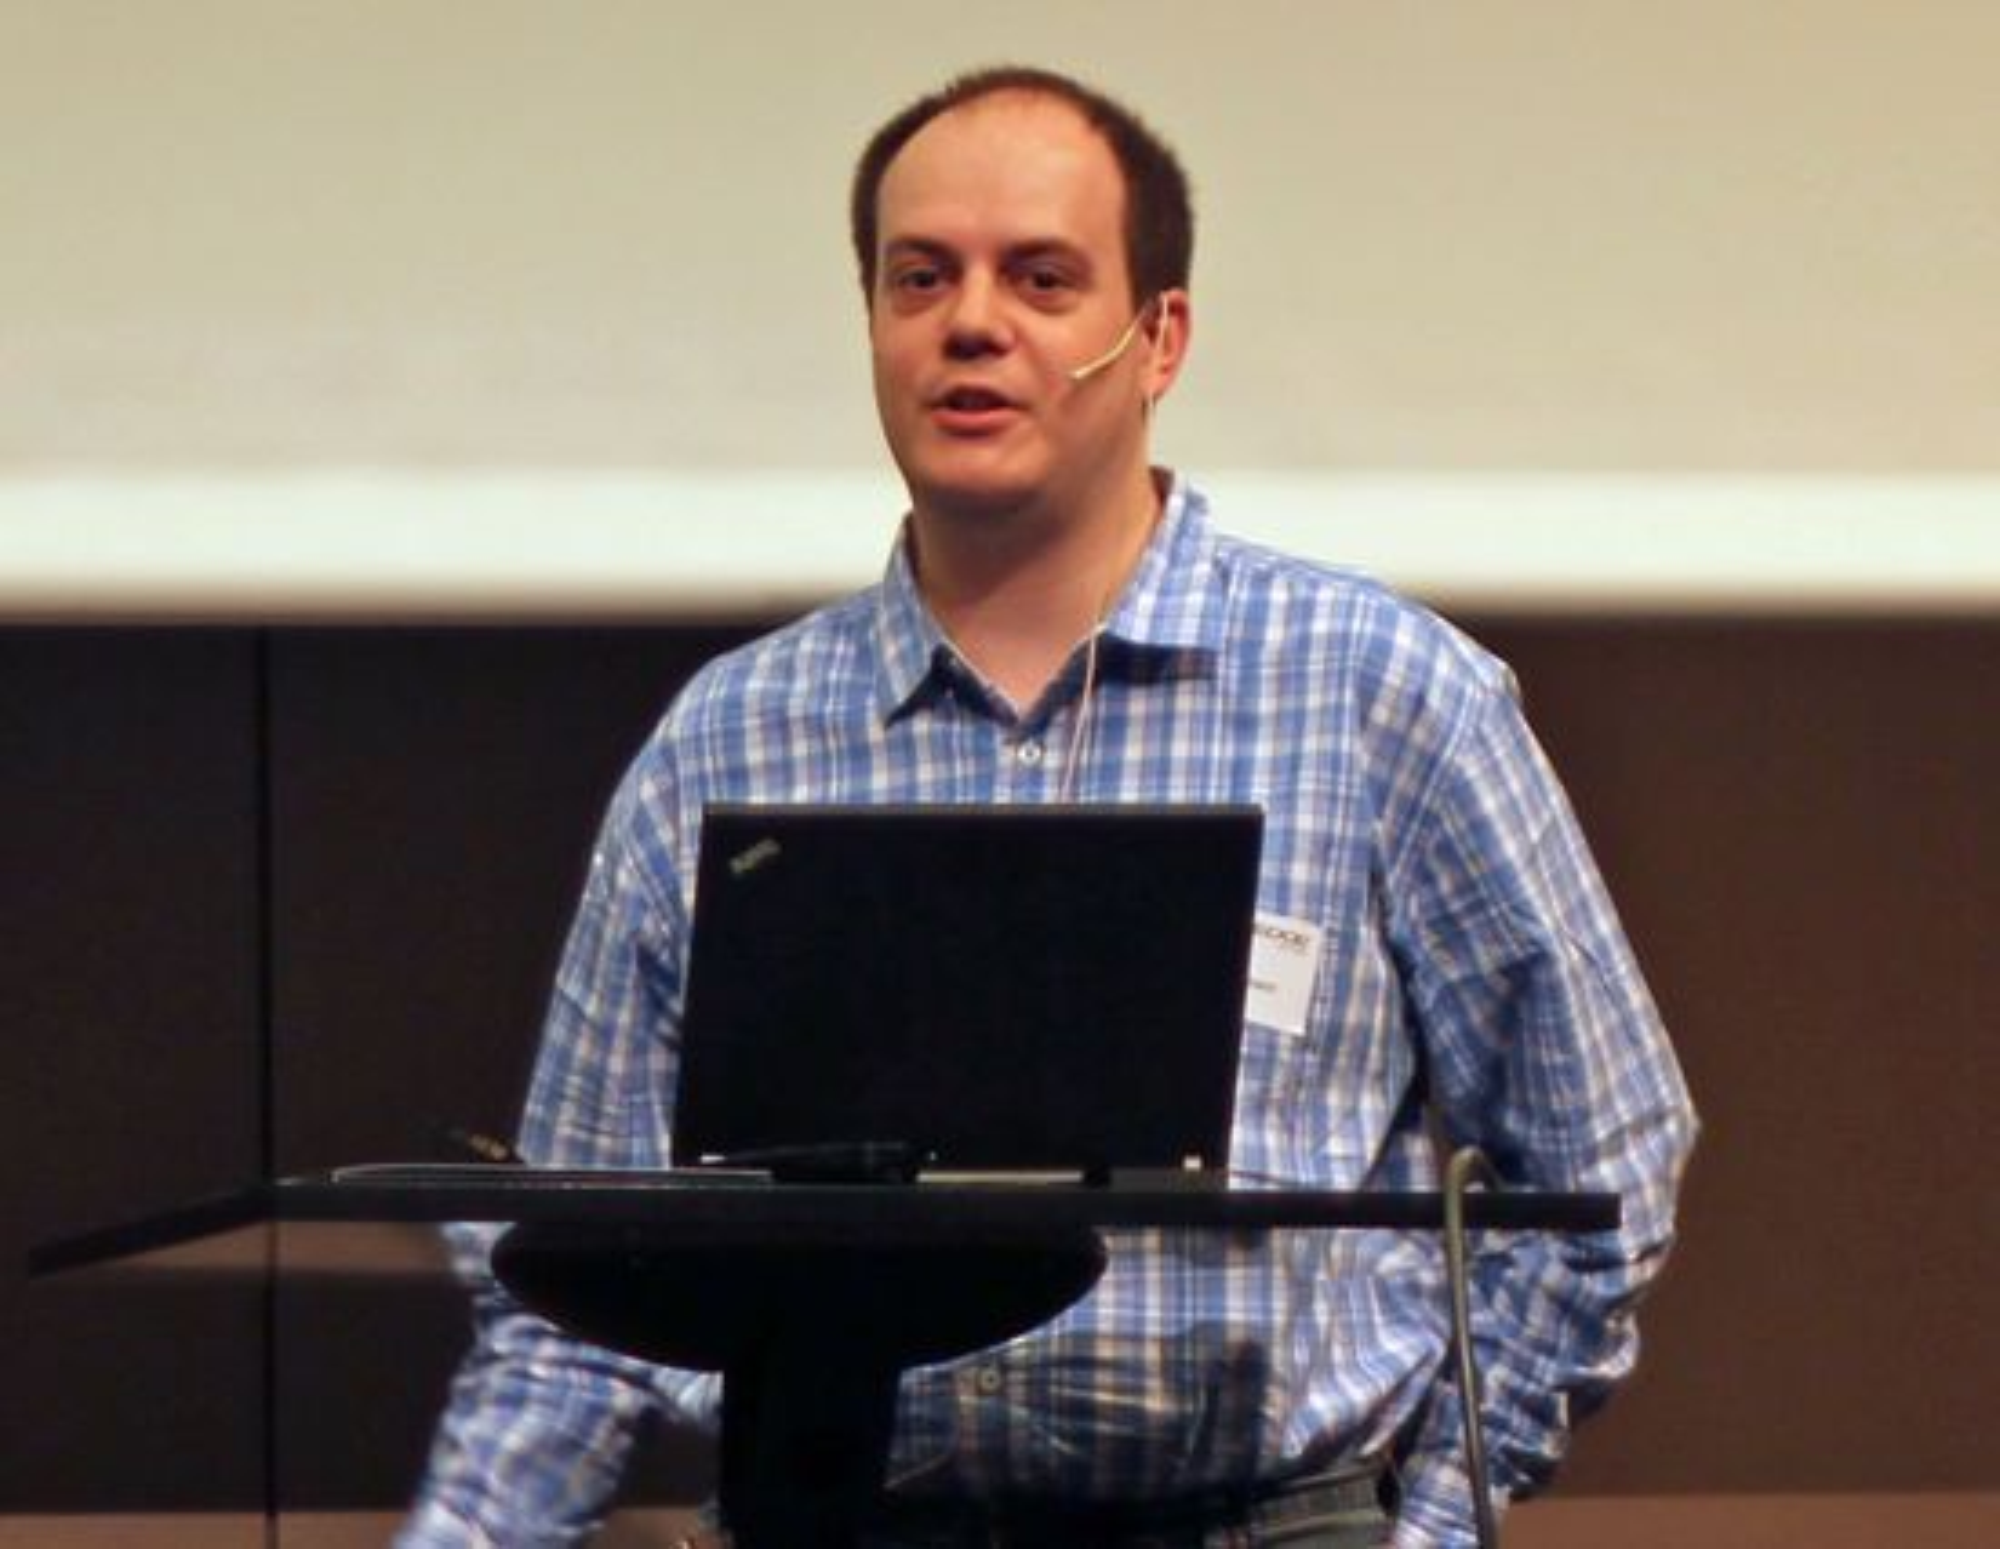 Sebastian Bergmann fortalte om historien til PHPUnit og andre testverktøy for PHP. Han kom også med en del råd om hvordan man relativt enkelt kan komme i gang med slik testing.